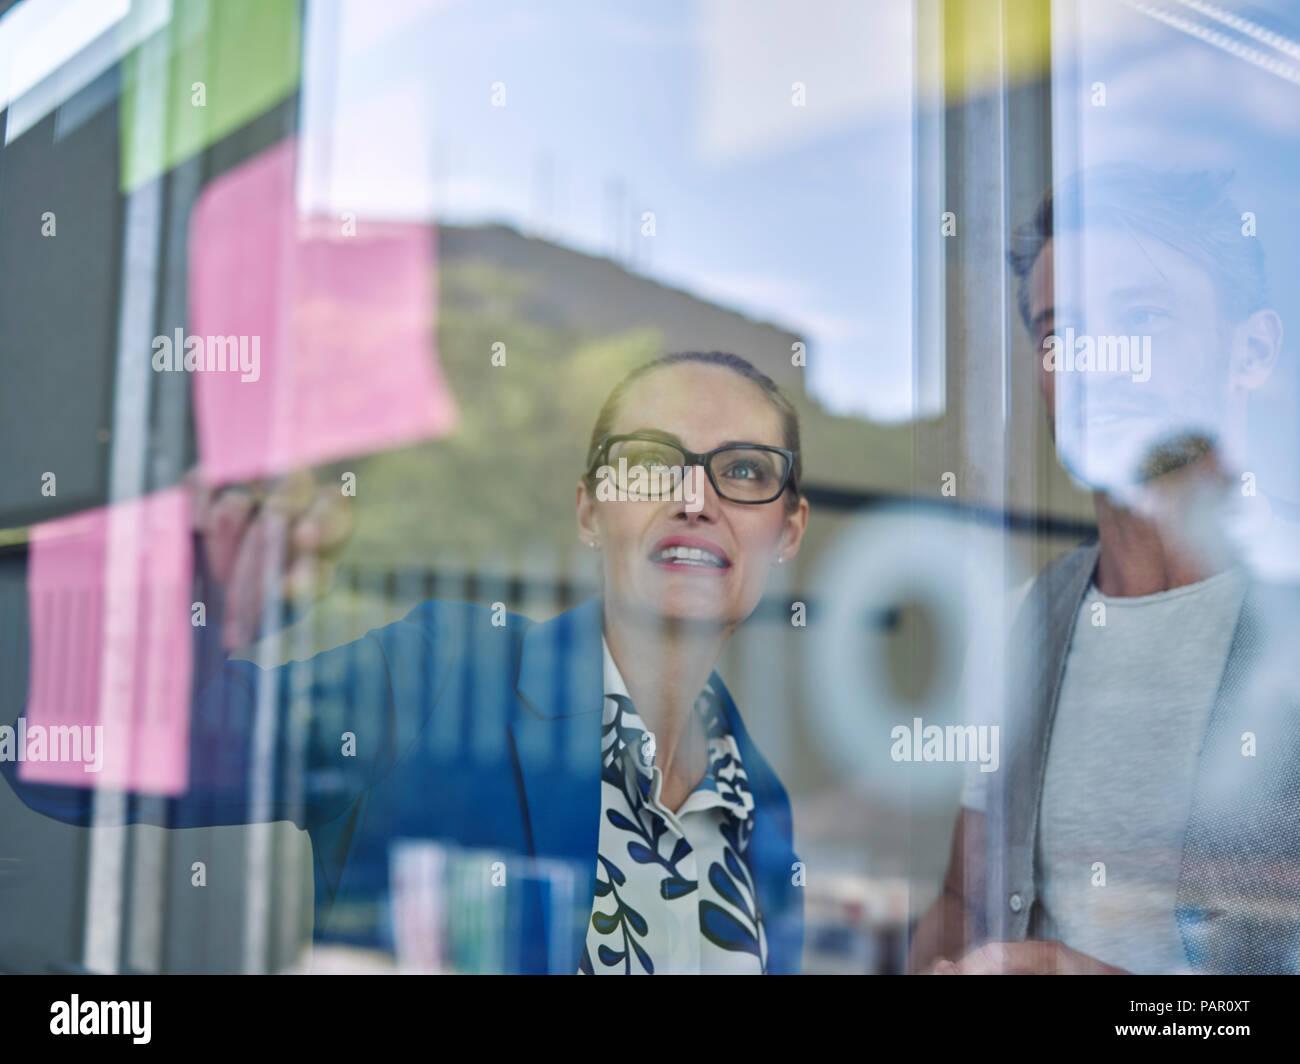 I colleghi guardando il foglietto adesivo al pannello in vetro Immagini Stock